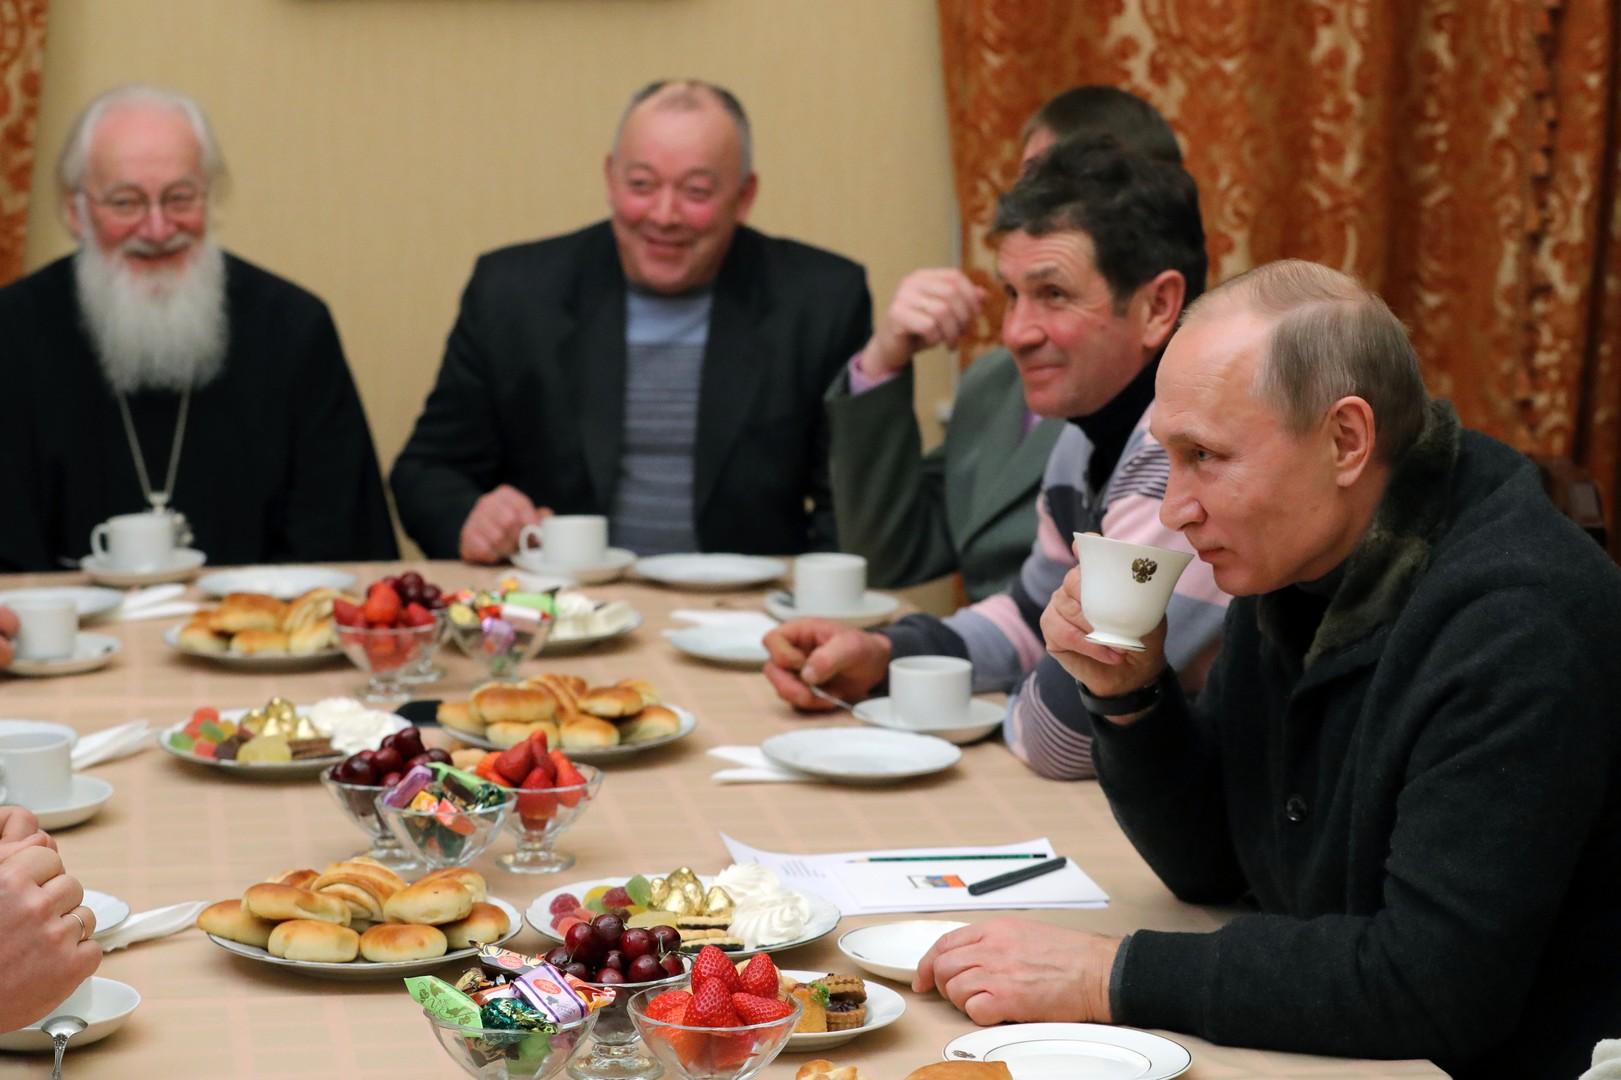 Путин в разговоре с рыбаками выразил уверенность, что 2017 год будет лучше предыдущего